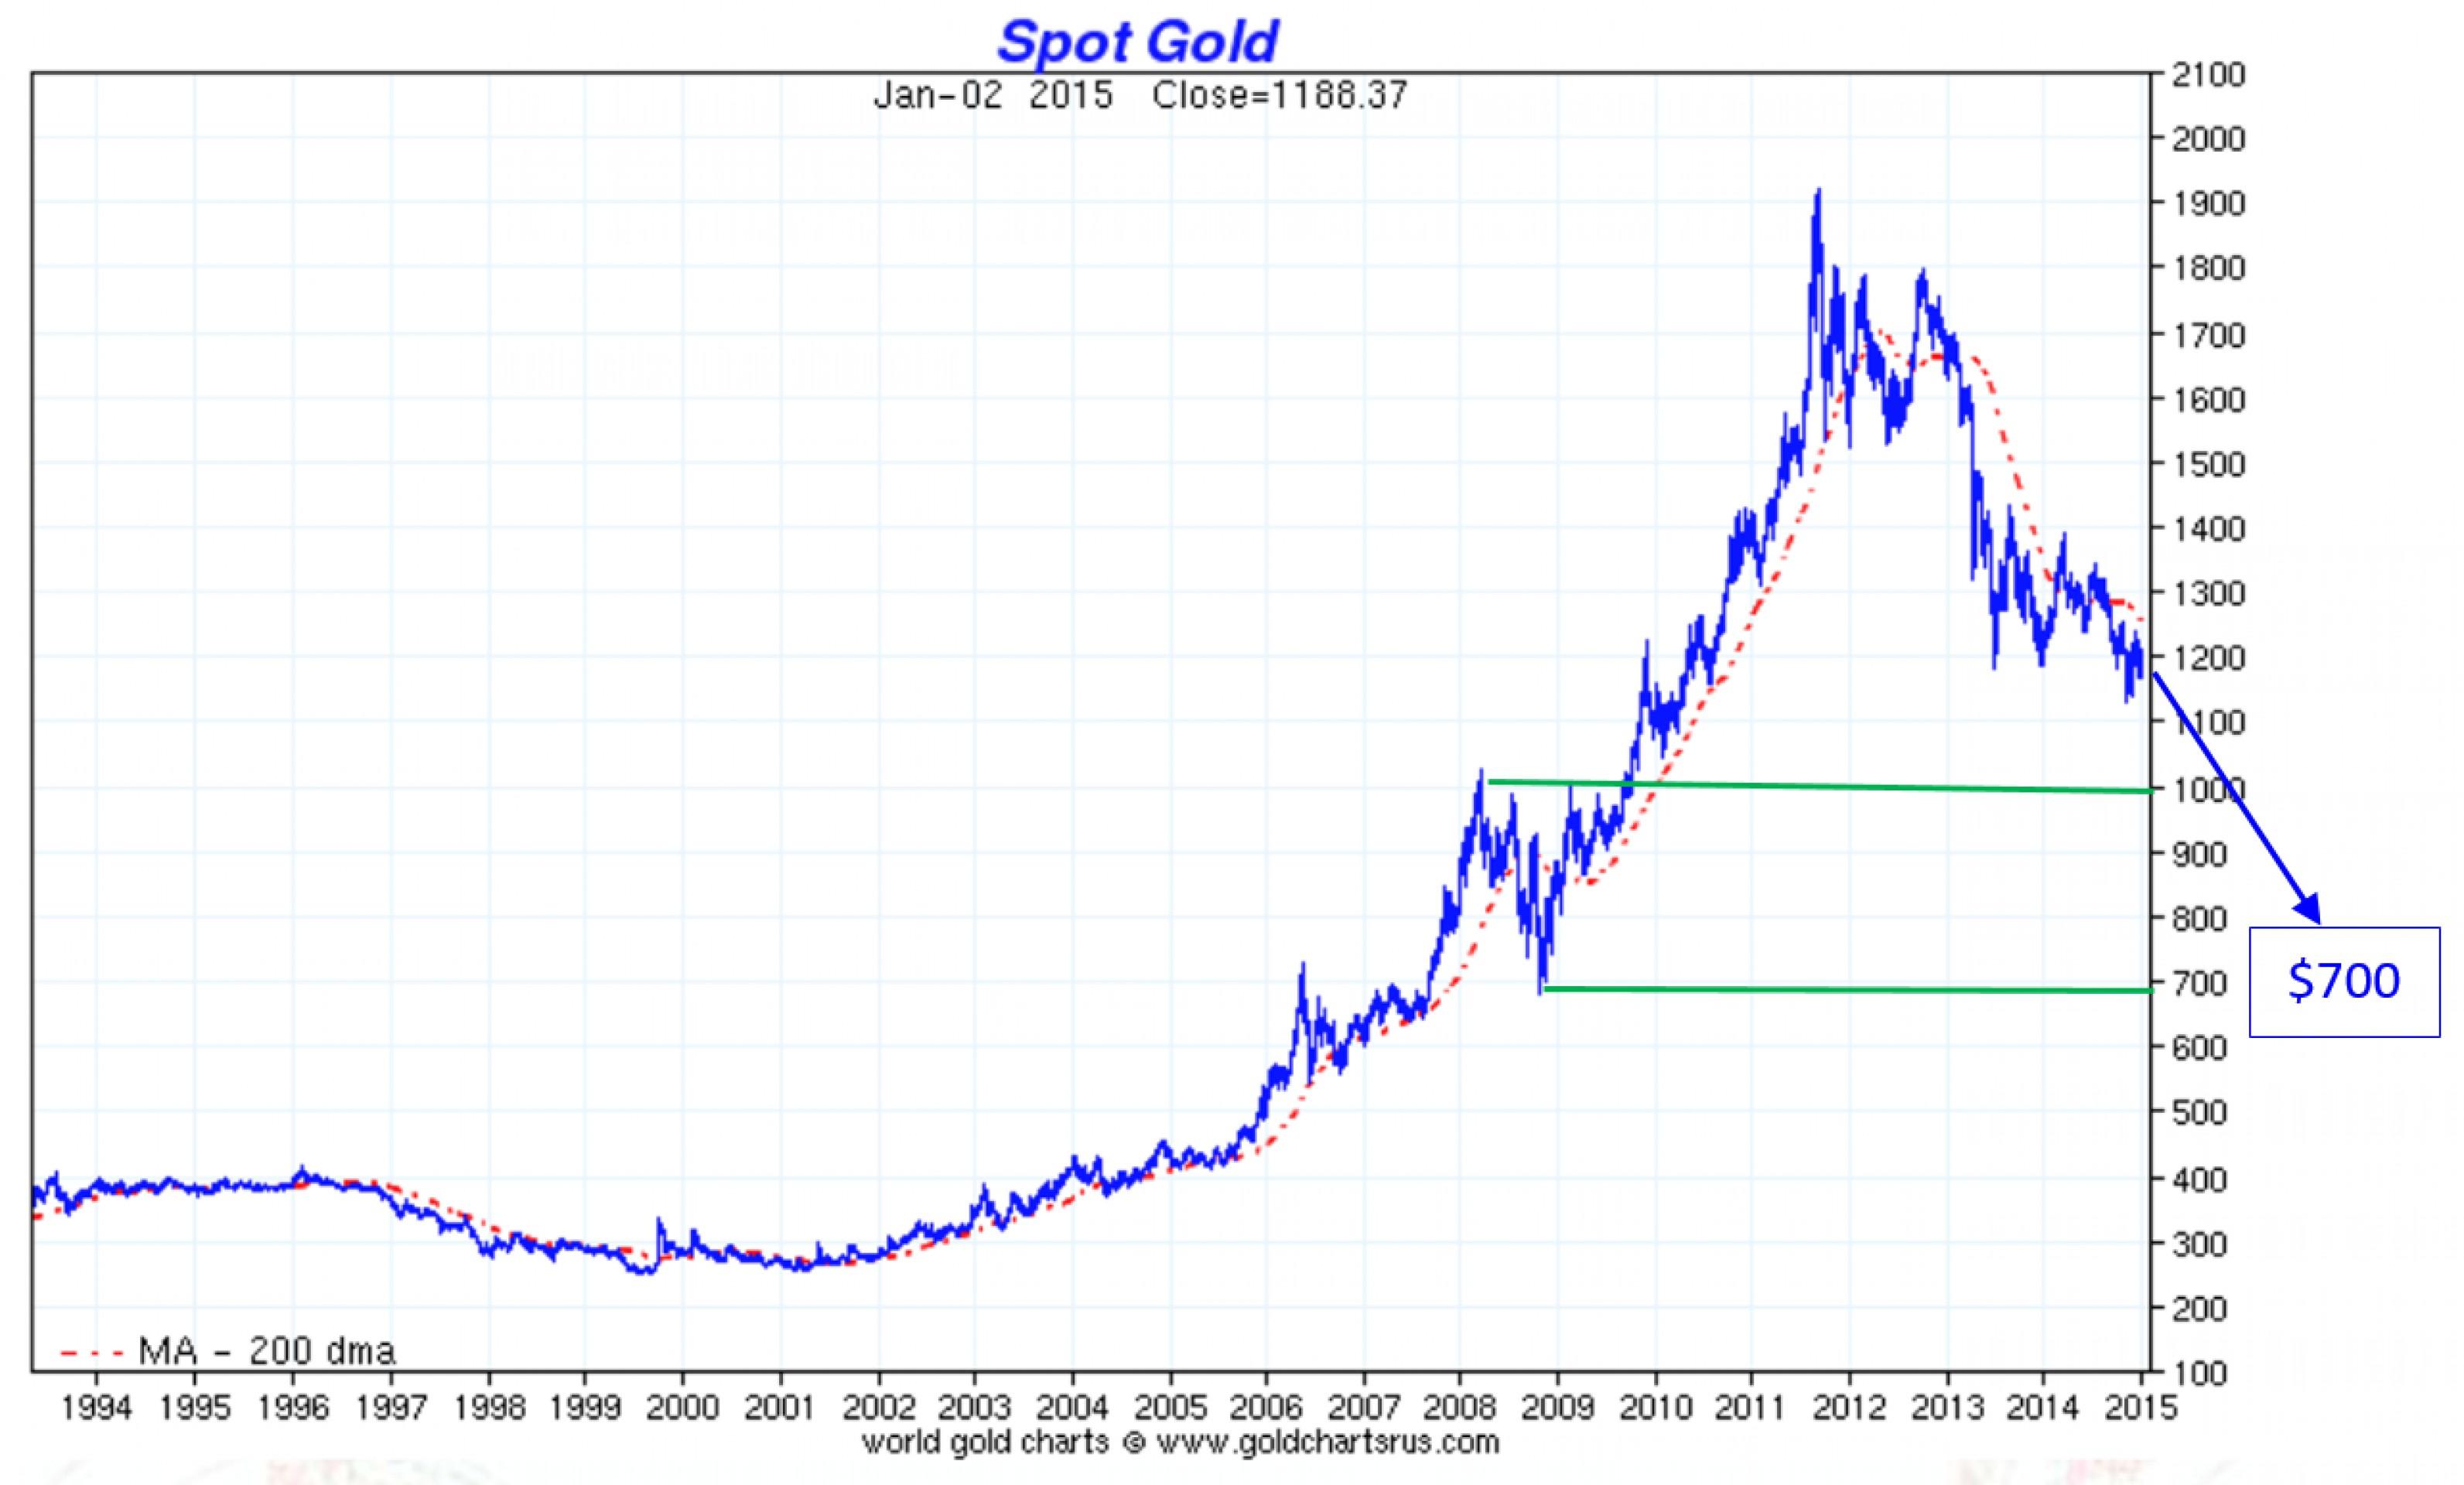 5 причин покупать золото и серебро в 2015 году